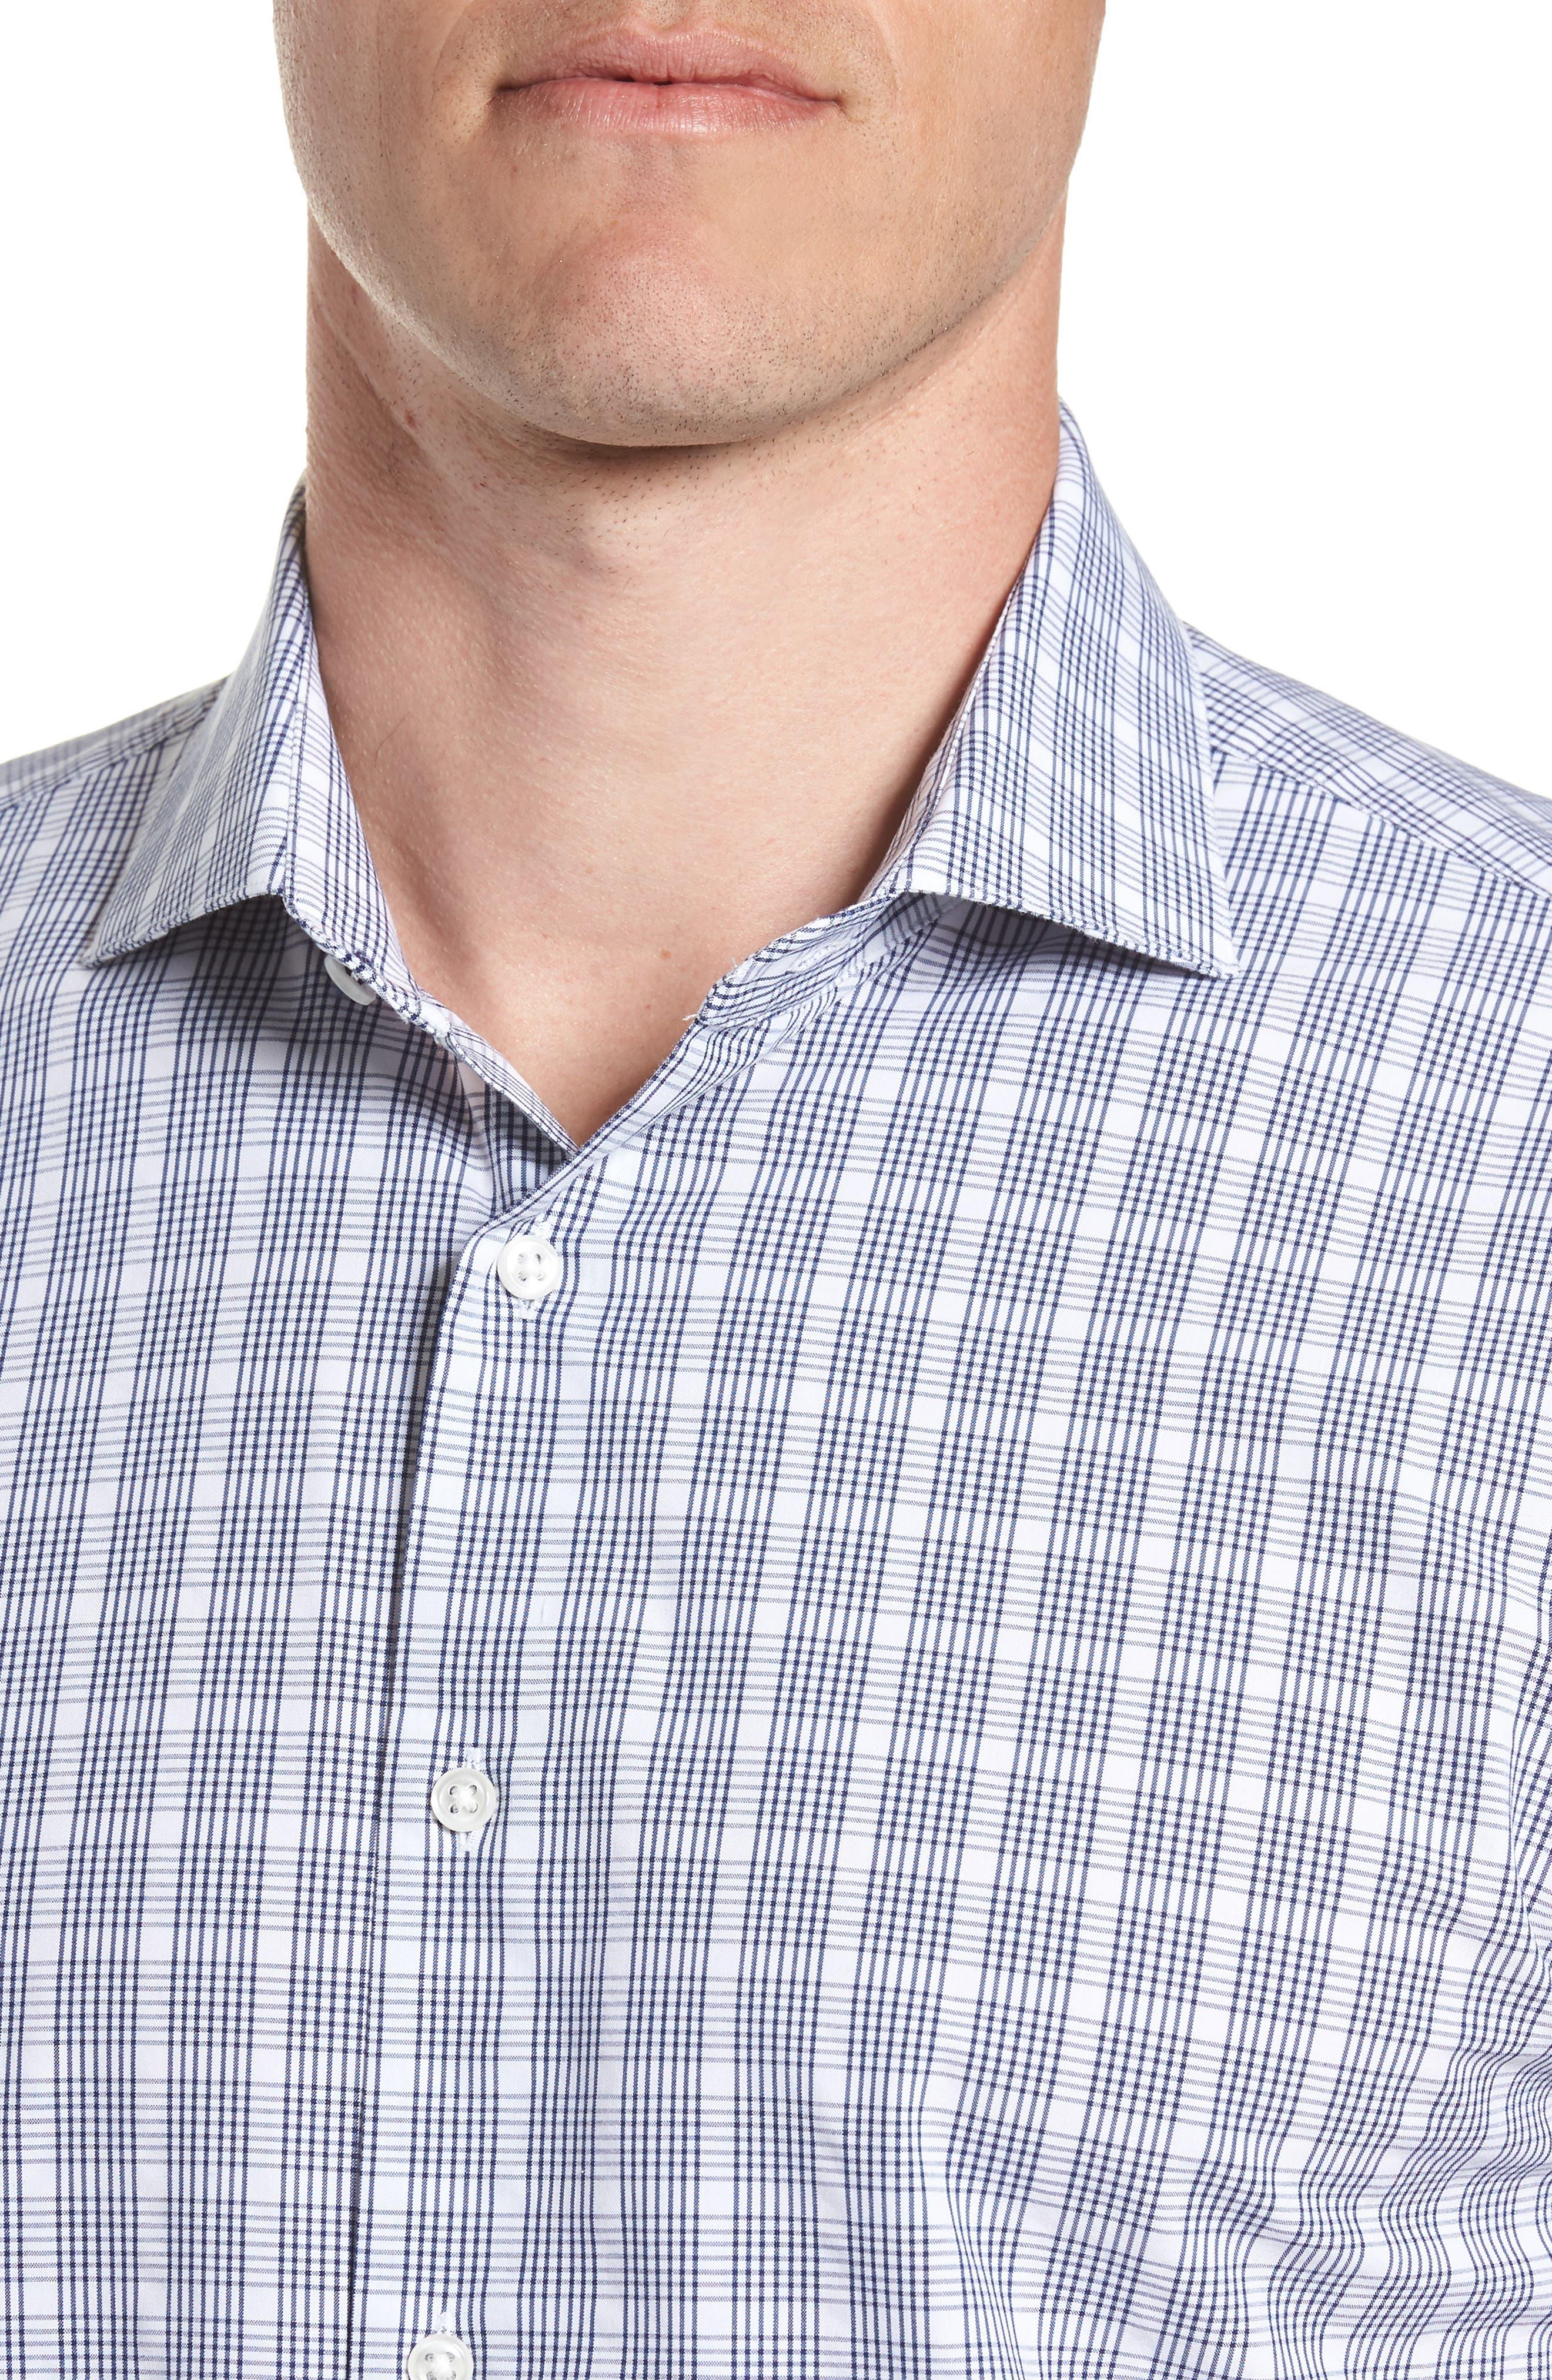 Tech-Smart Trim Fit Plaid Dress Shirt,                             Alternate thumbnail 2, color,                             410